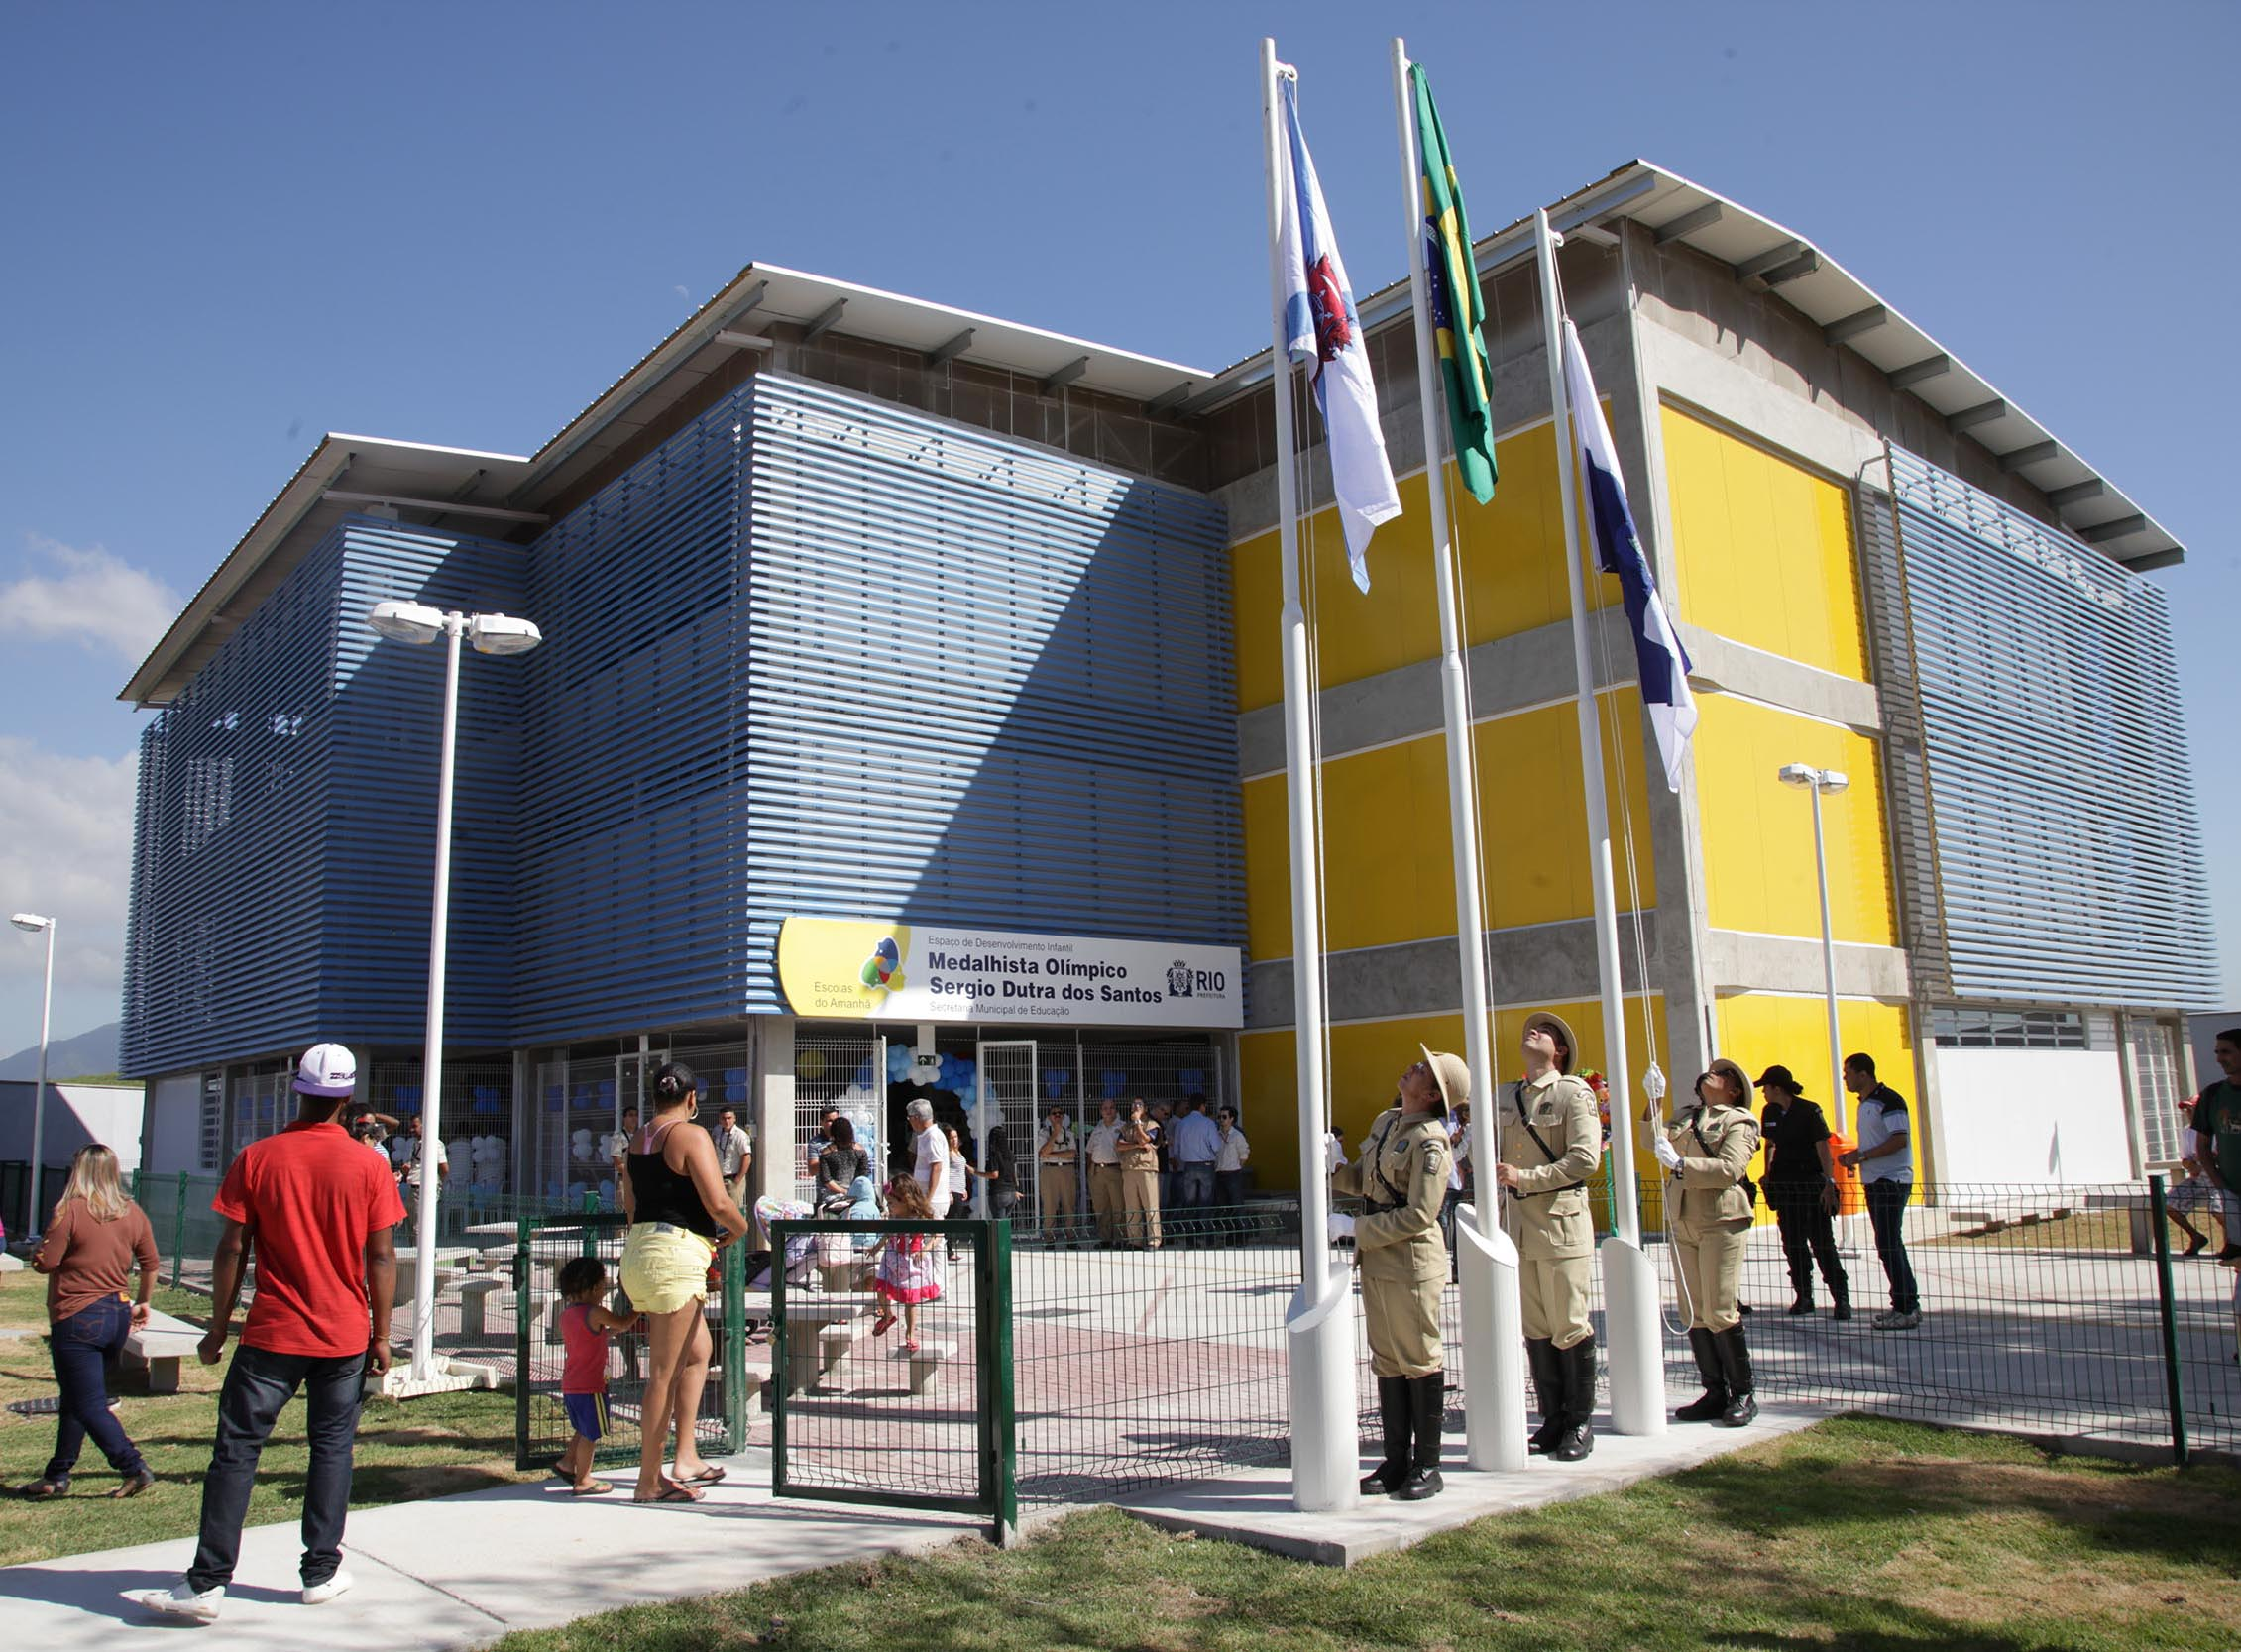 Comunidades em Anchieta e Realengo recebem Escolas do Amanhã com nomes de medalhistas olímpicos